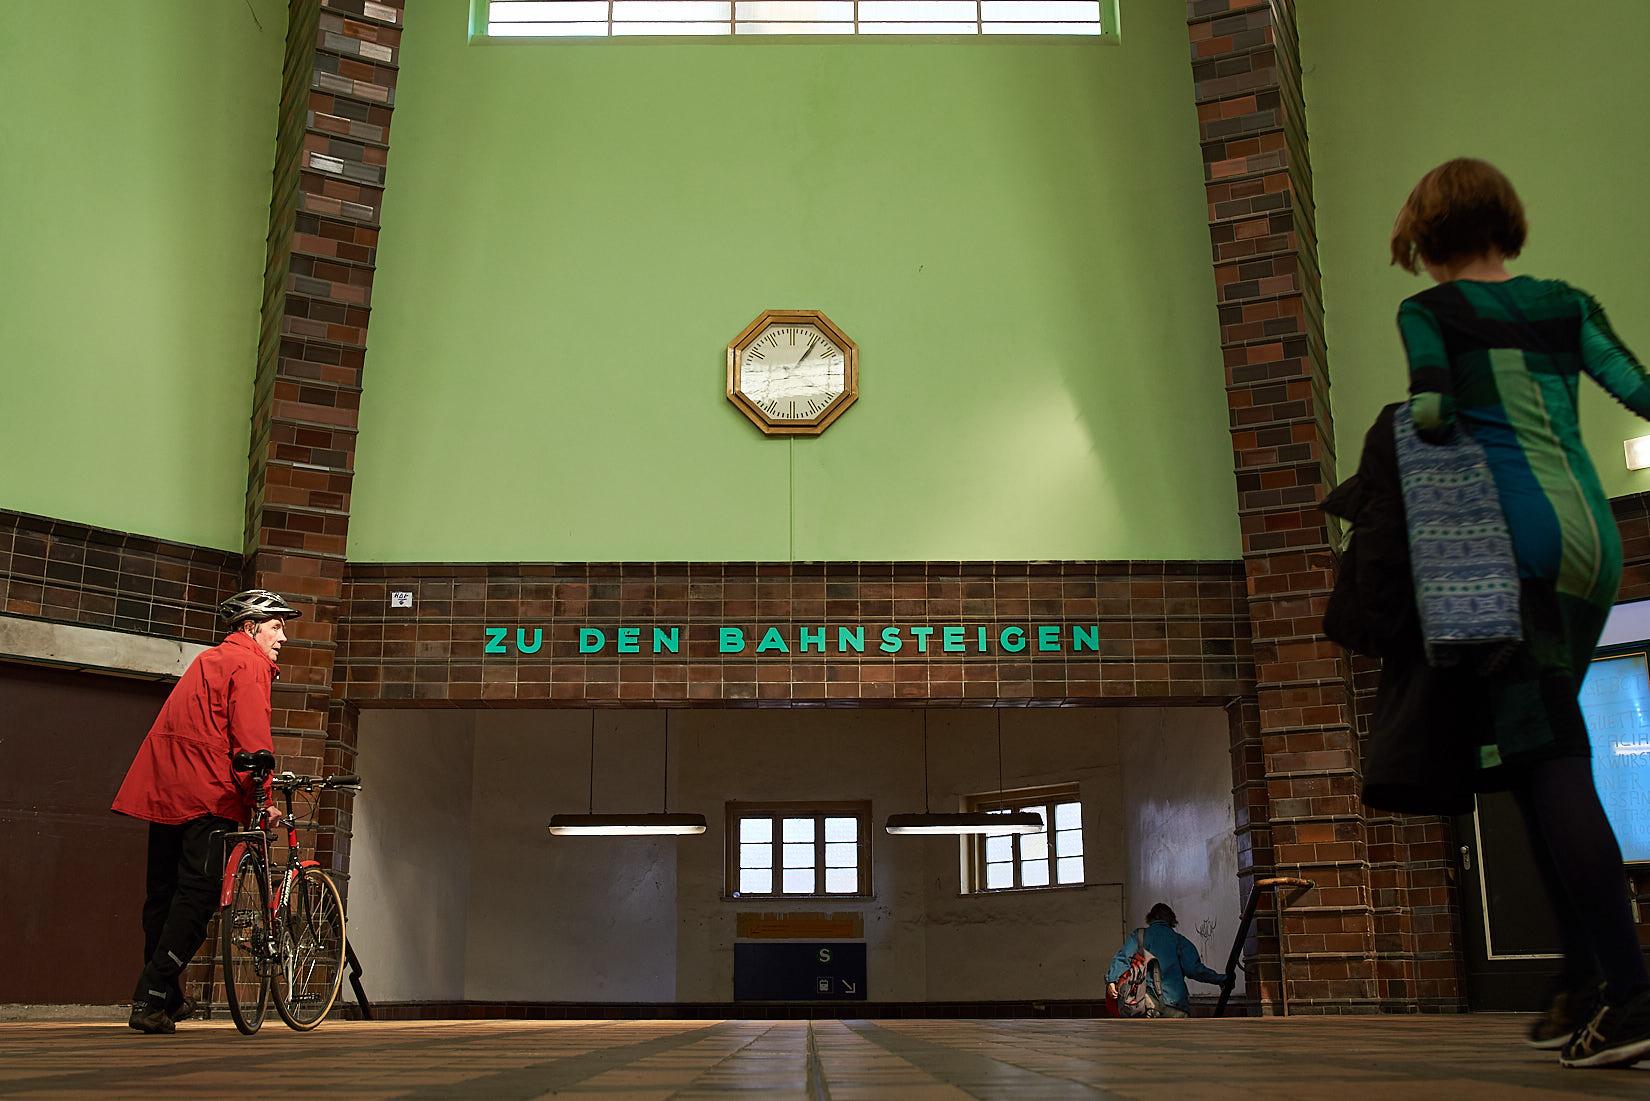 Zu den Gleisen | Berlin